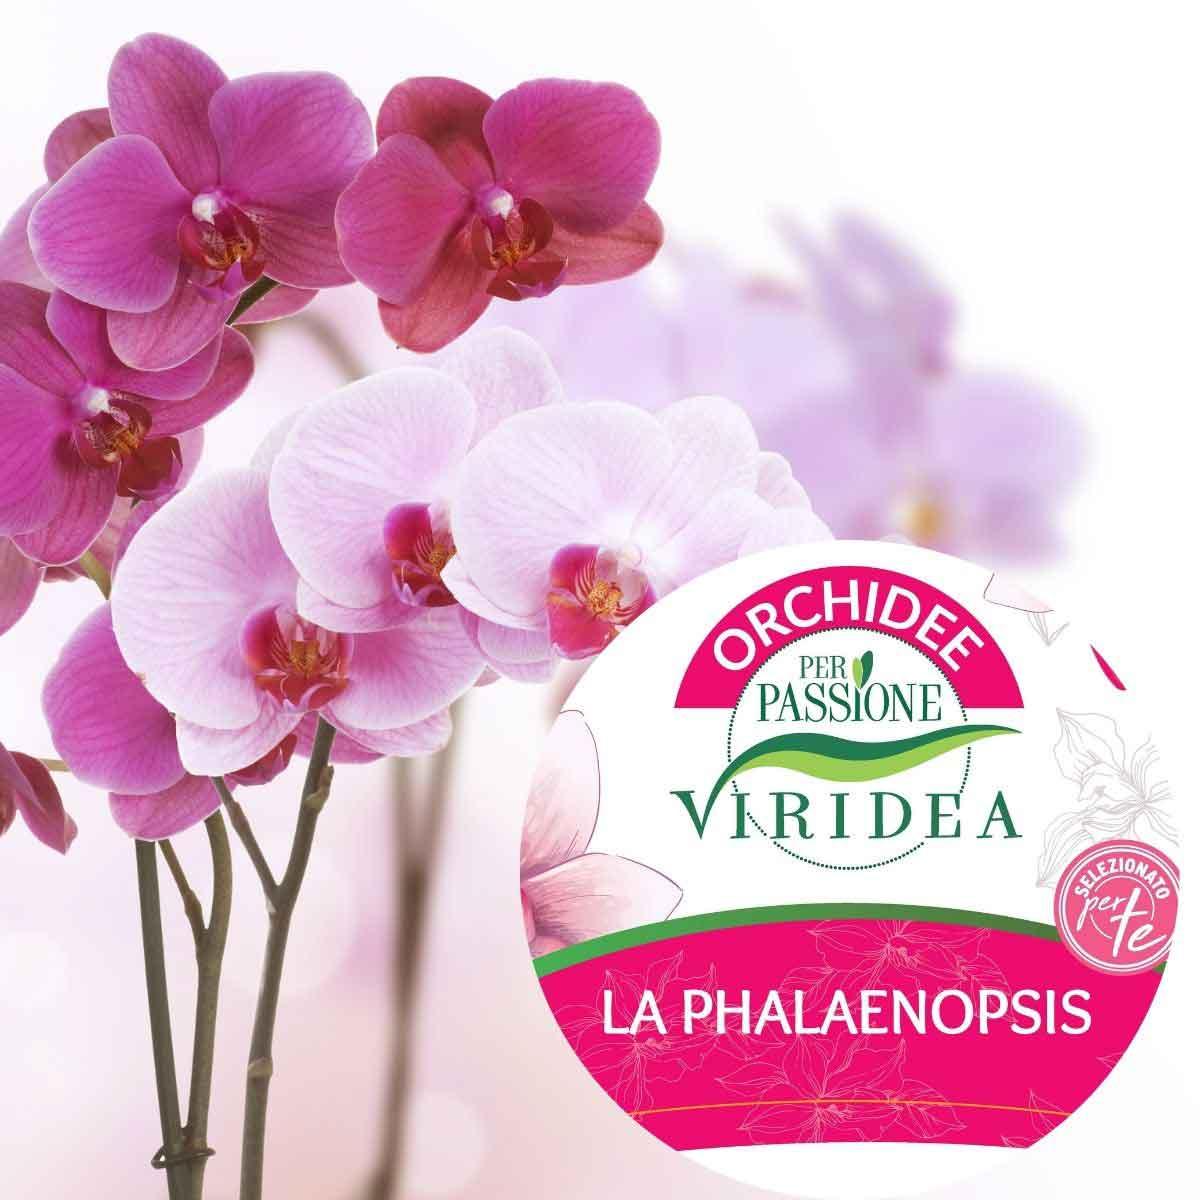 Per Passione – Orchidea Phalaenopsis a due rami